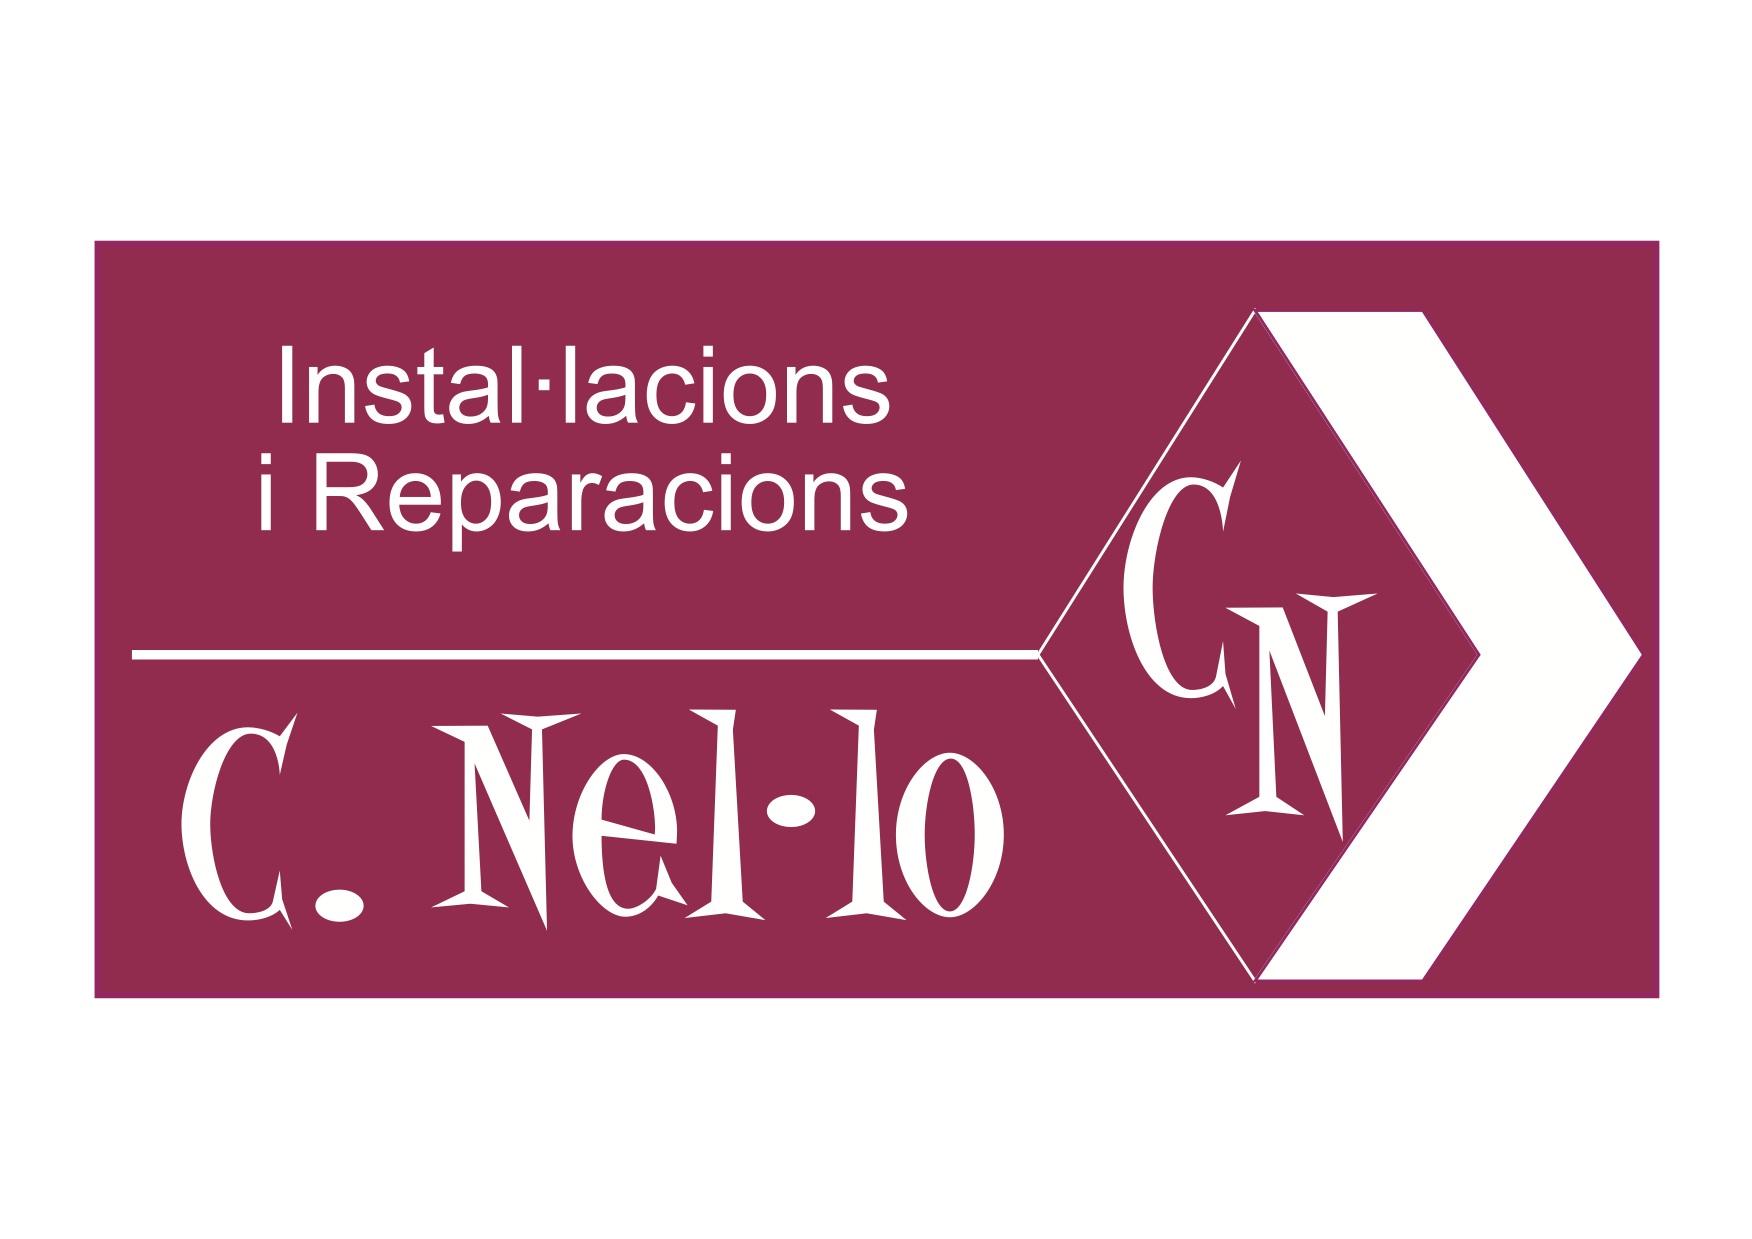 Instalaciones y Reformas C. Nel-lo